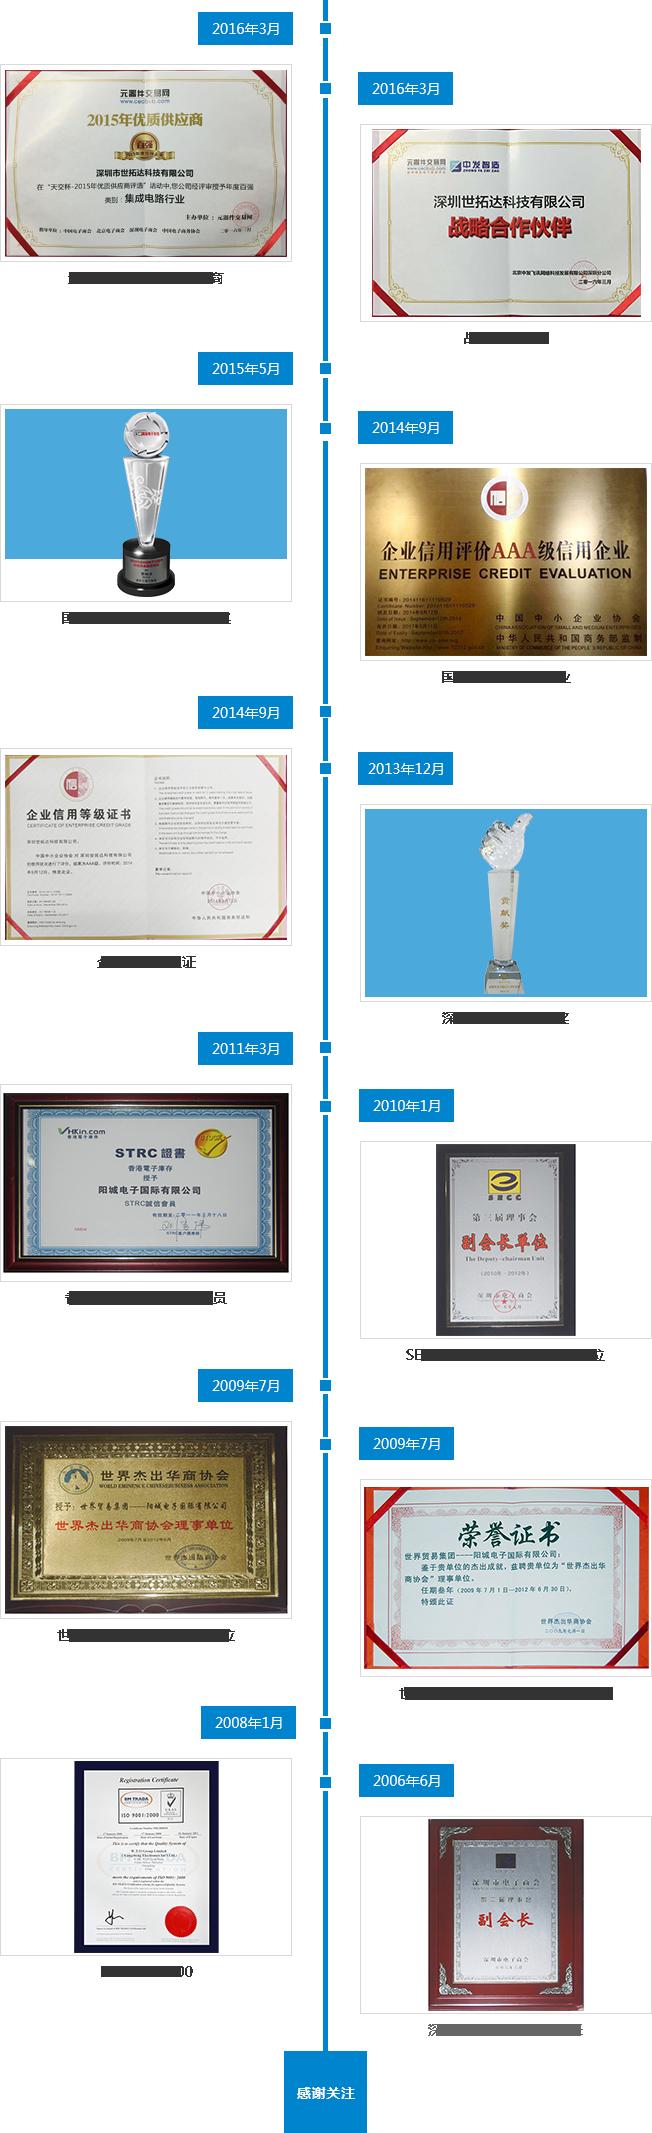 企业荣誉 (2)